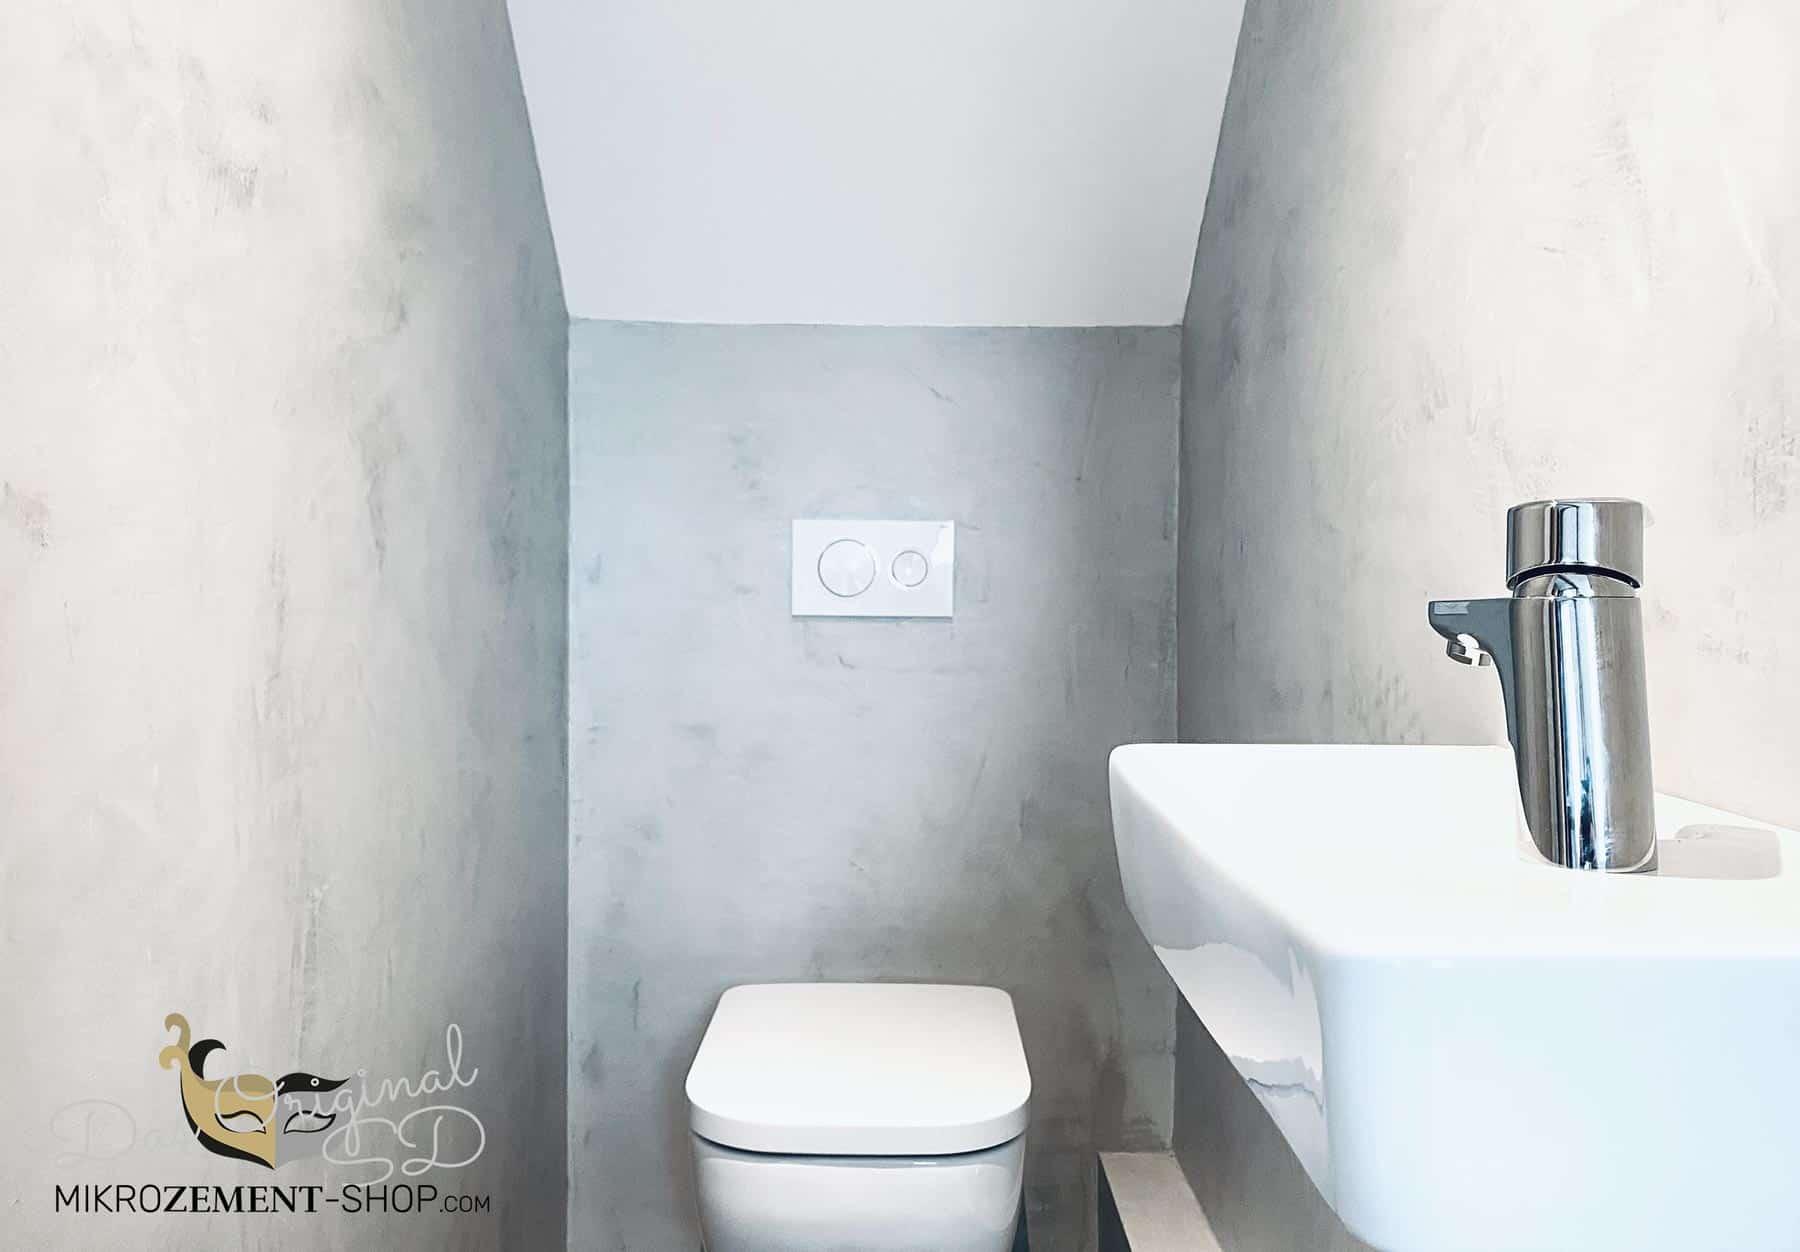 Mikrozement Badezimmer klein